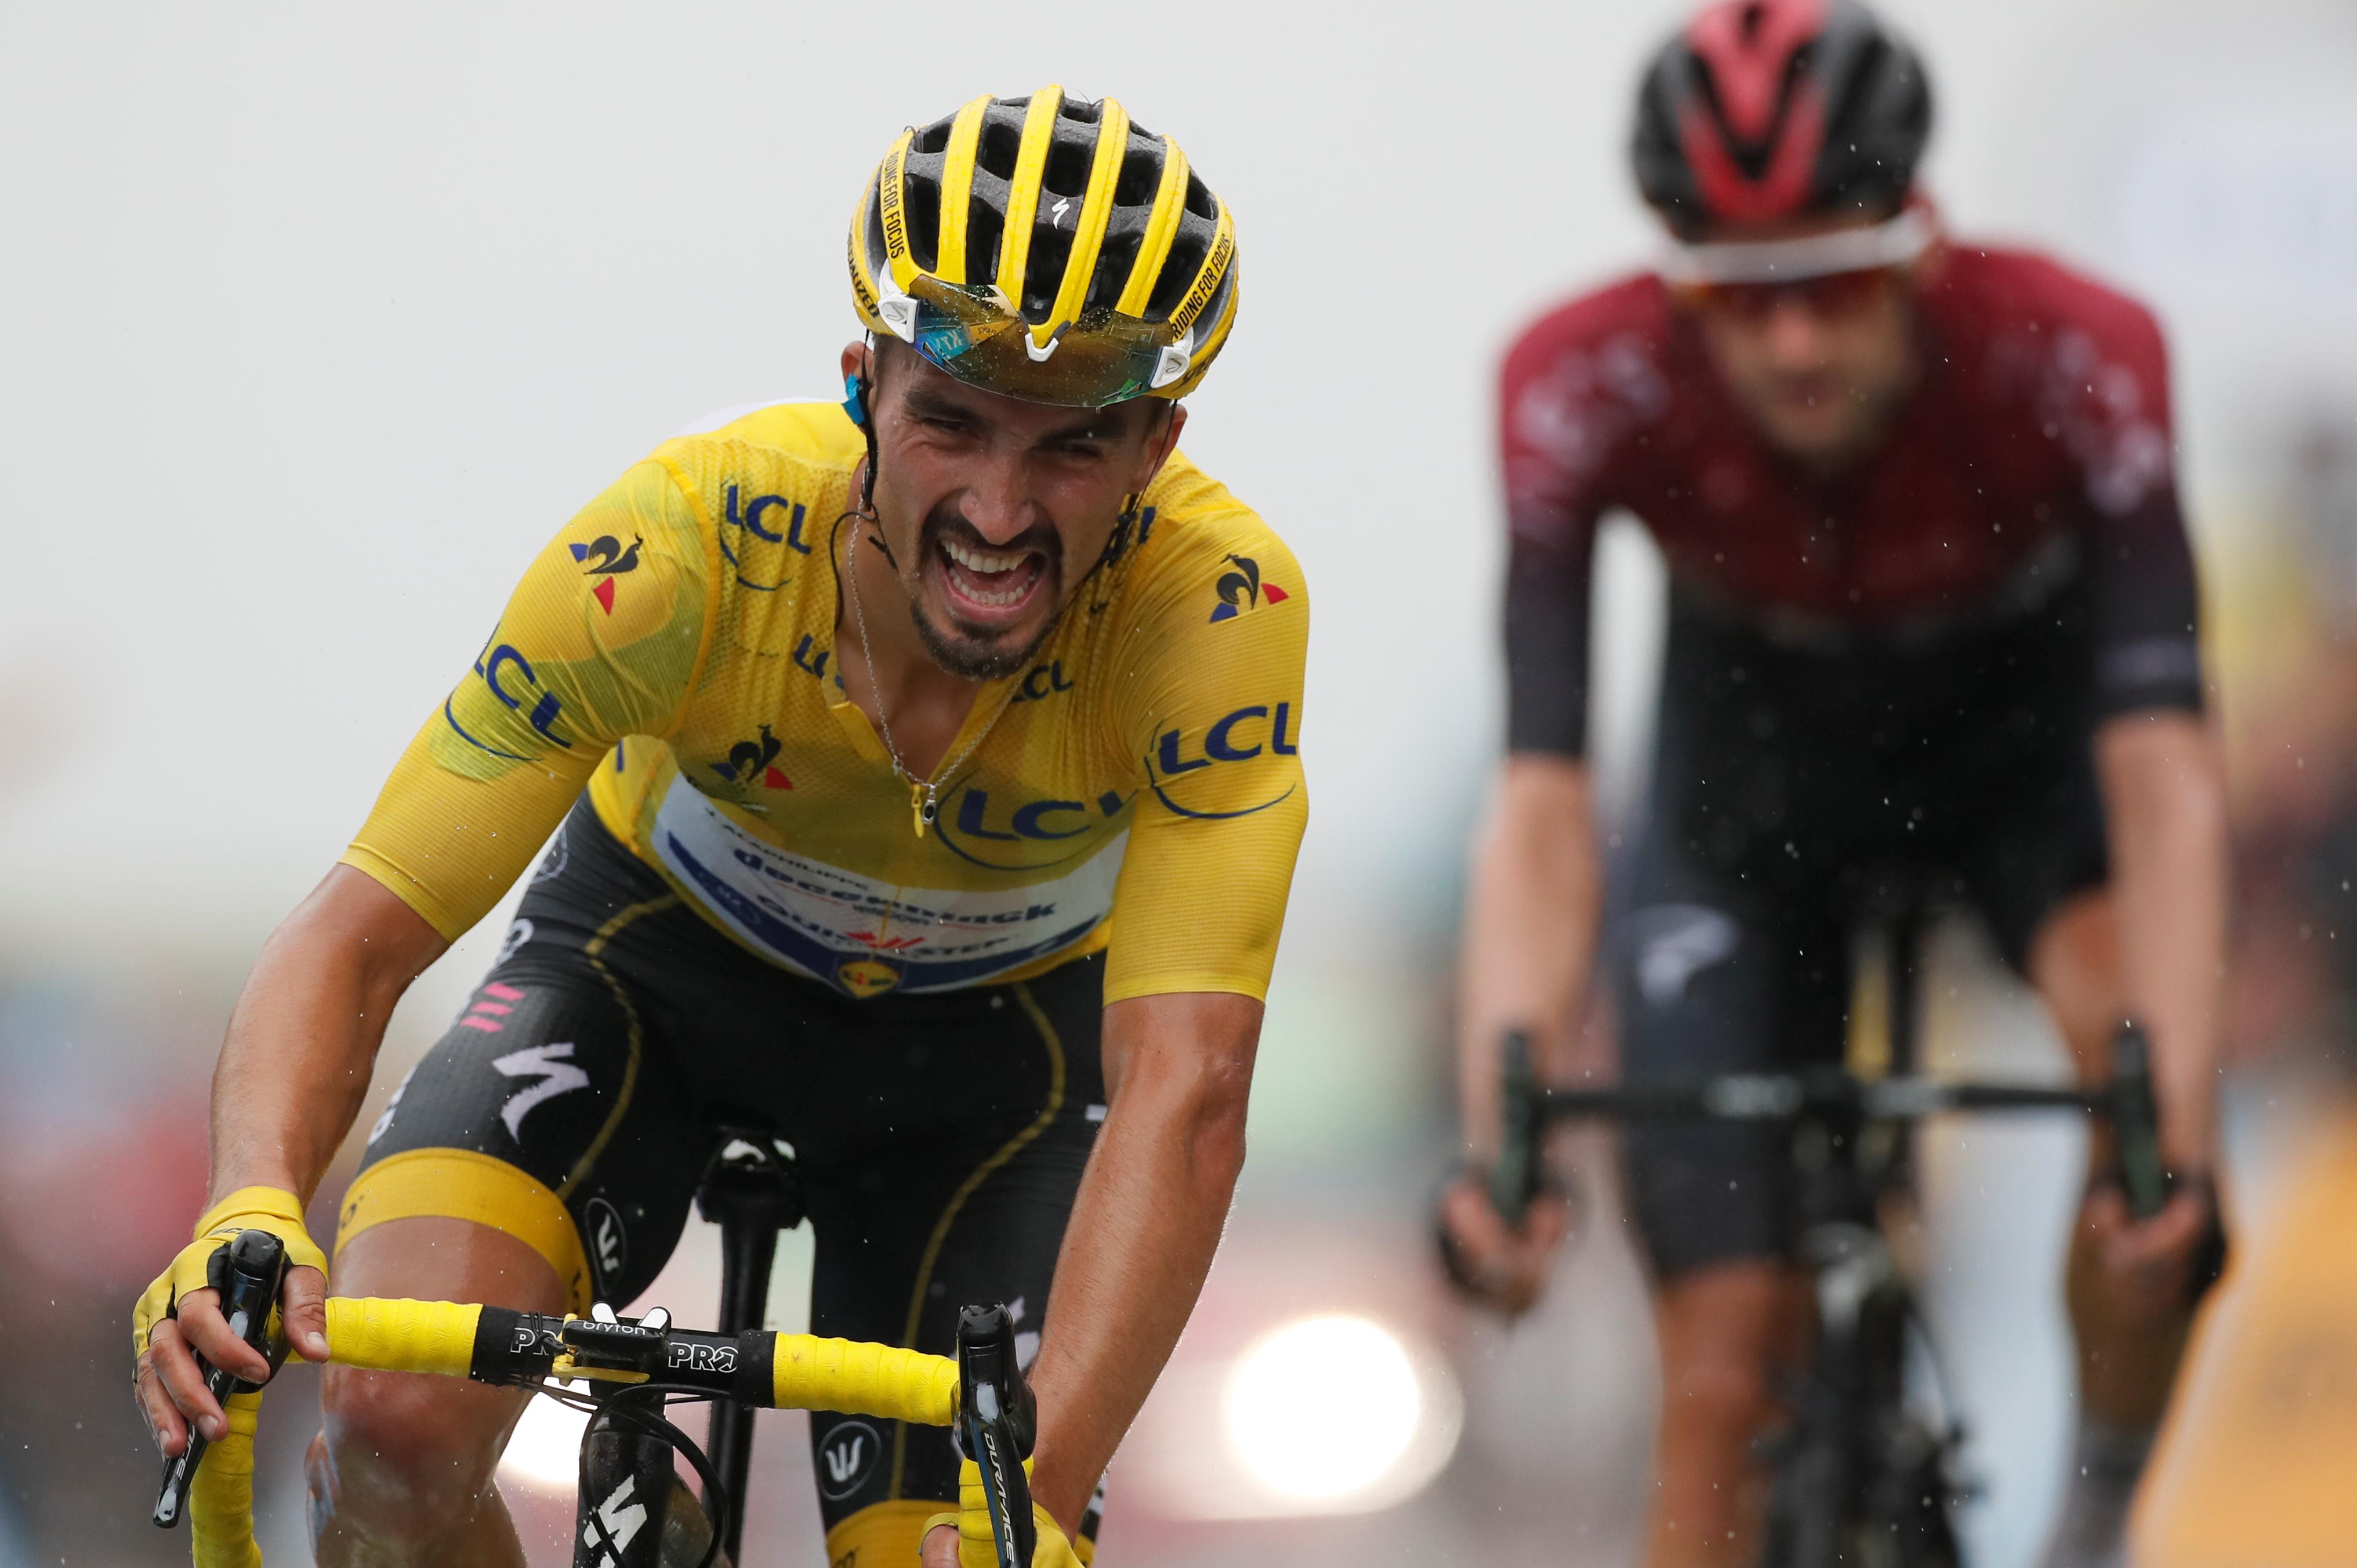 Cyclisme - Tour de France - Yates, Pinot, Alaphilippe : Ce qu'il faut retenir de la 15e étape du Tour